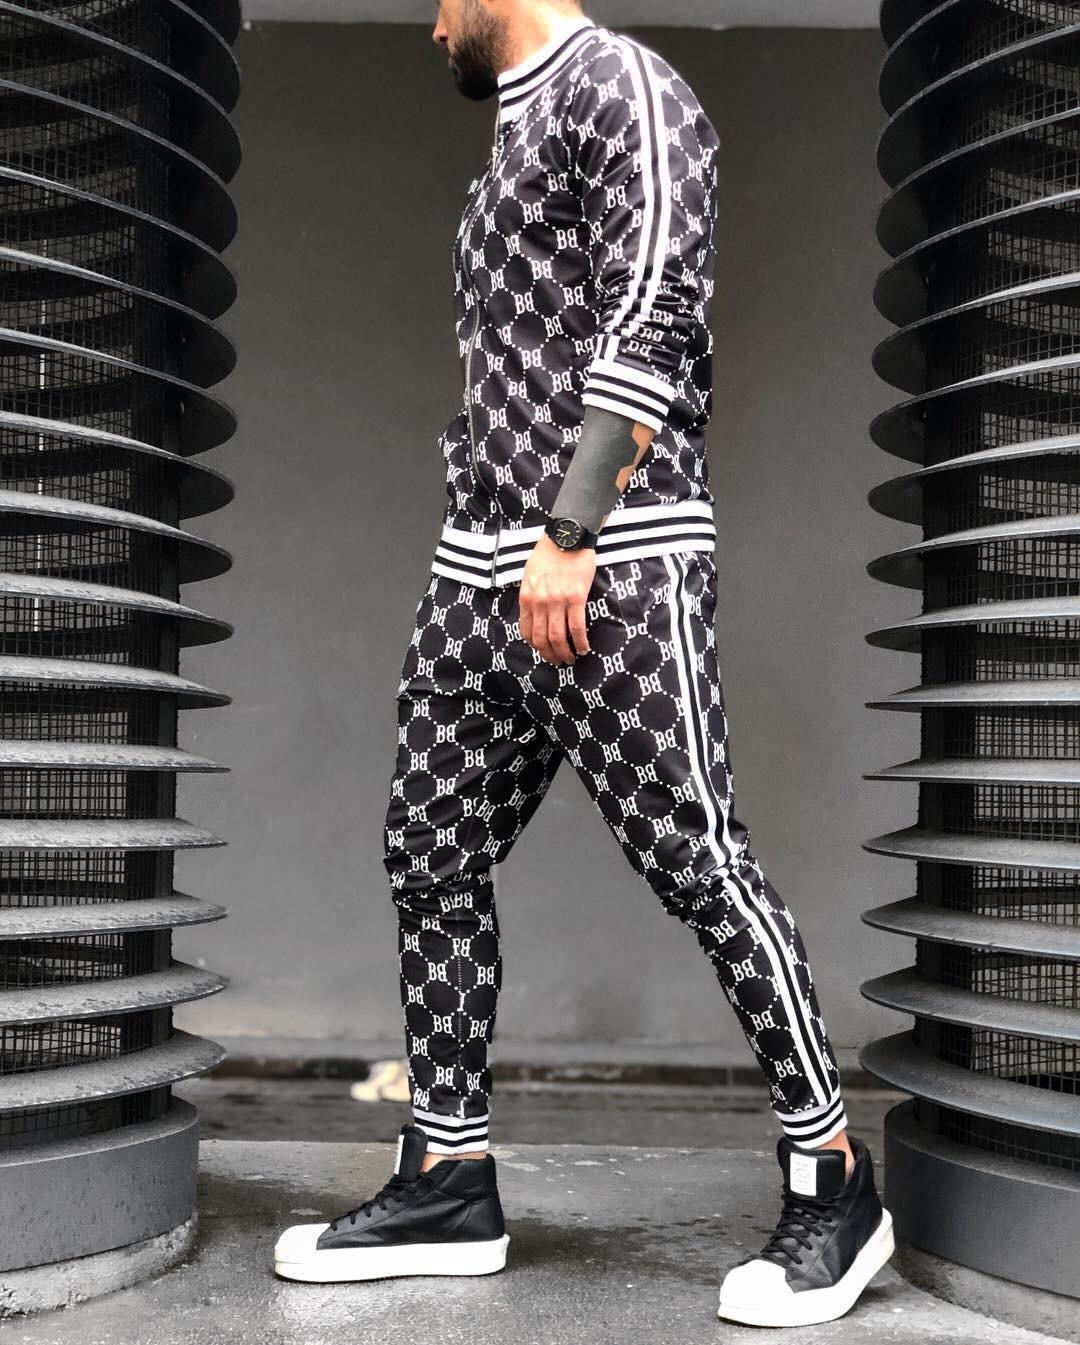 肌肉兄弟运动套装欧美潮流3D打印健身卫衣修身拉链开衫休闲套装男